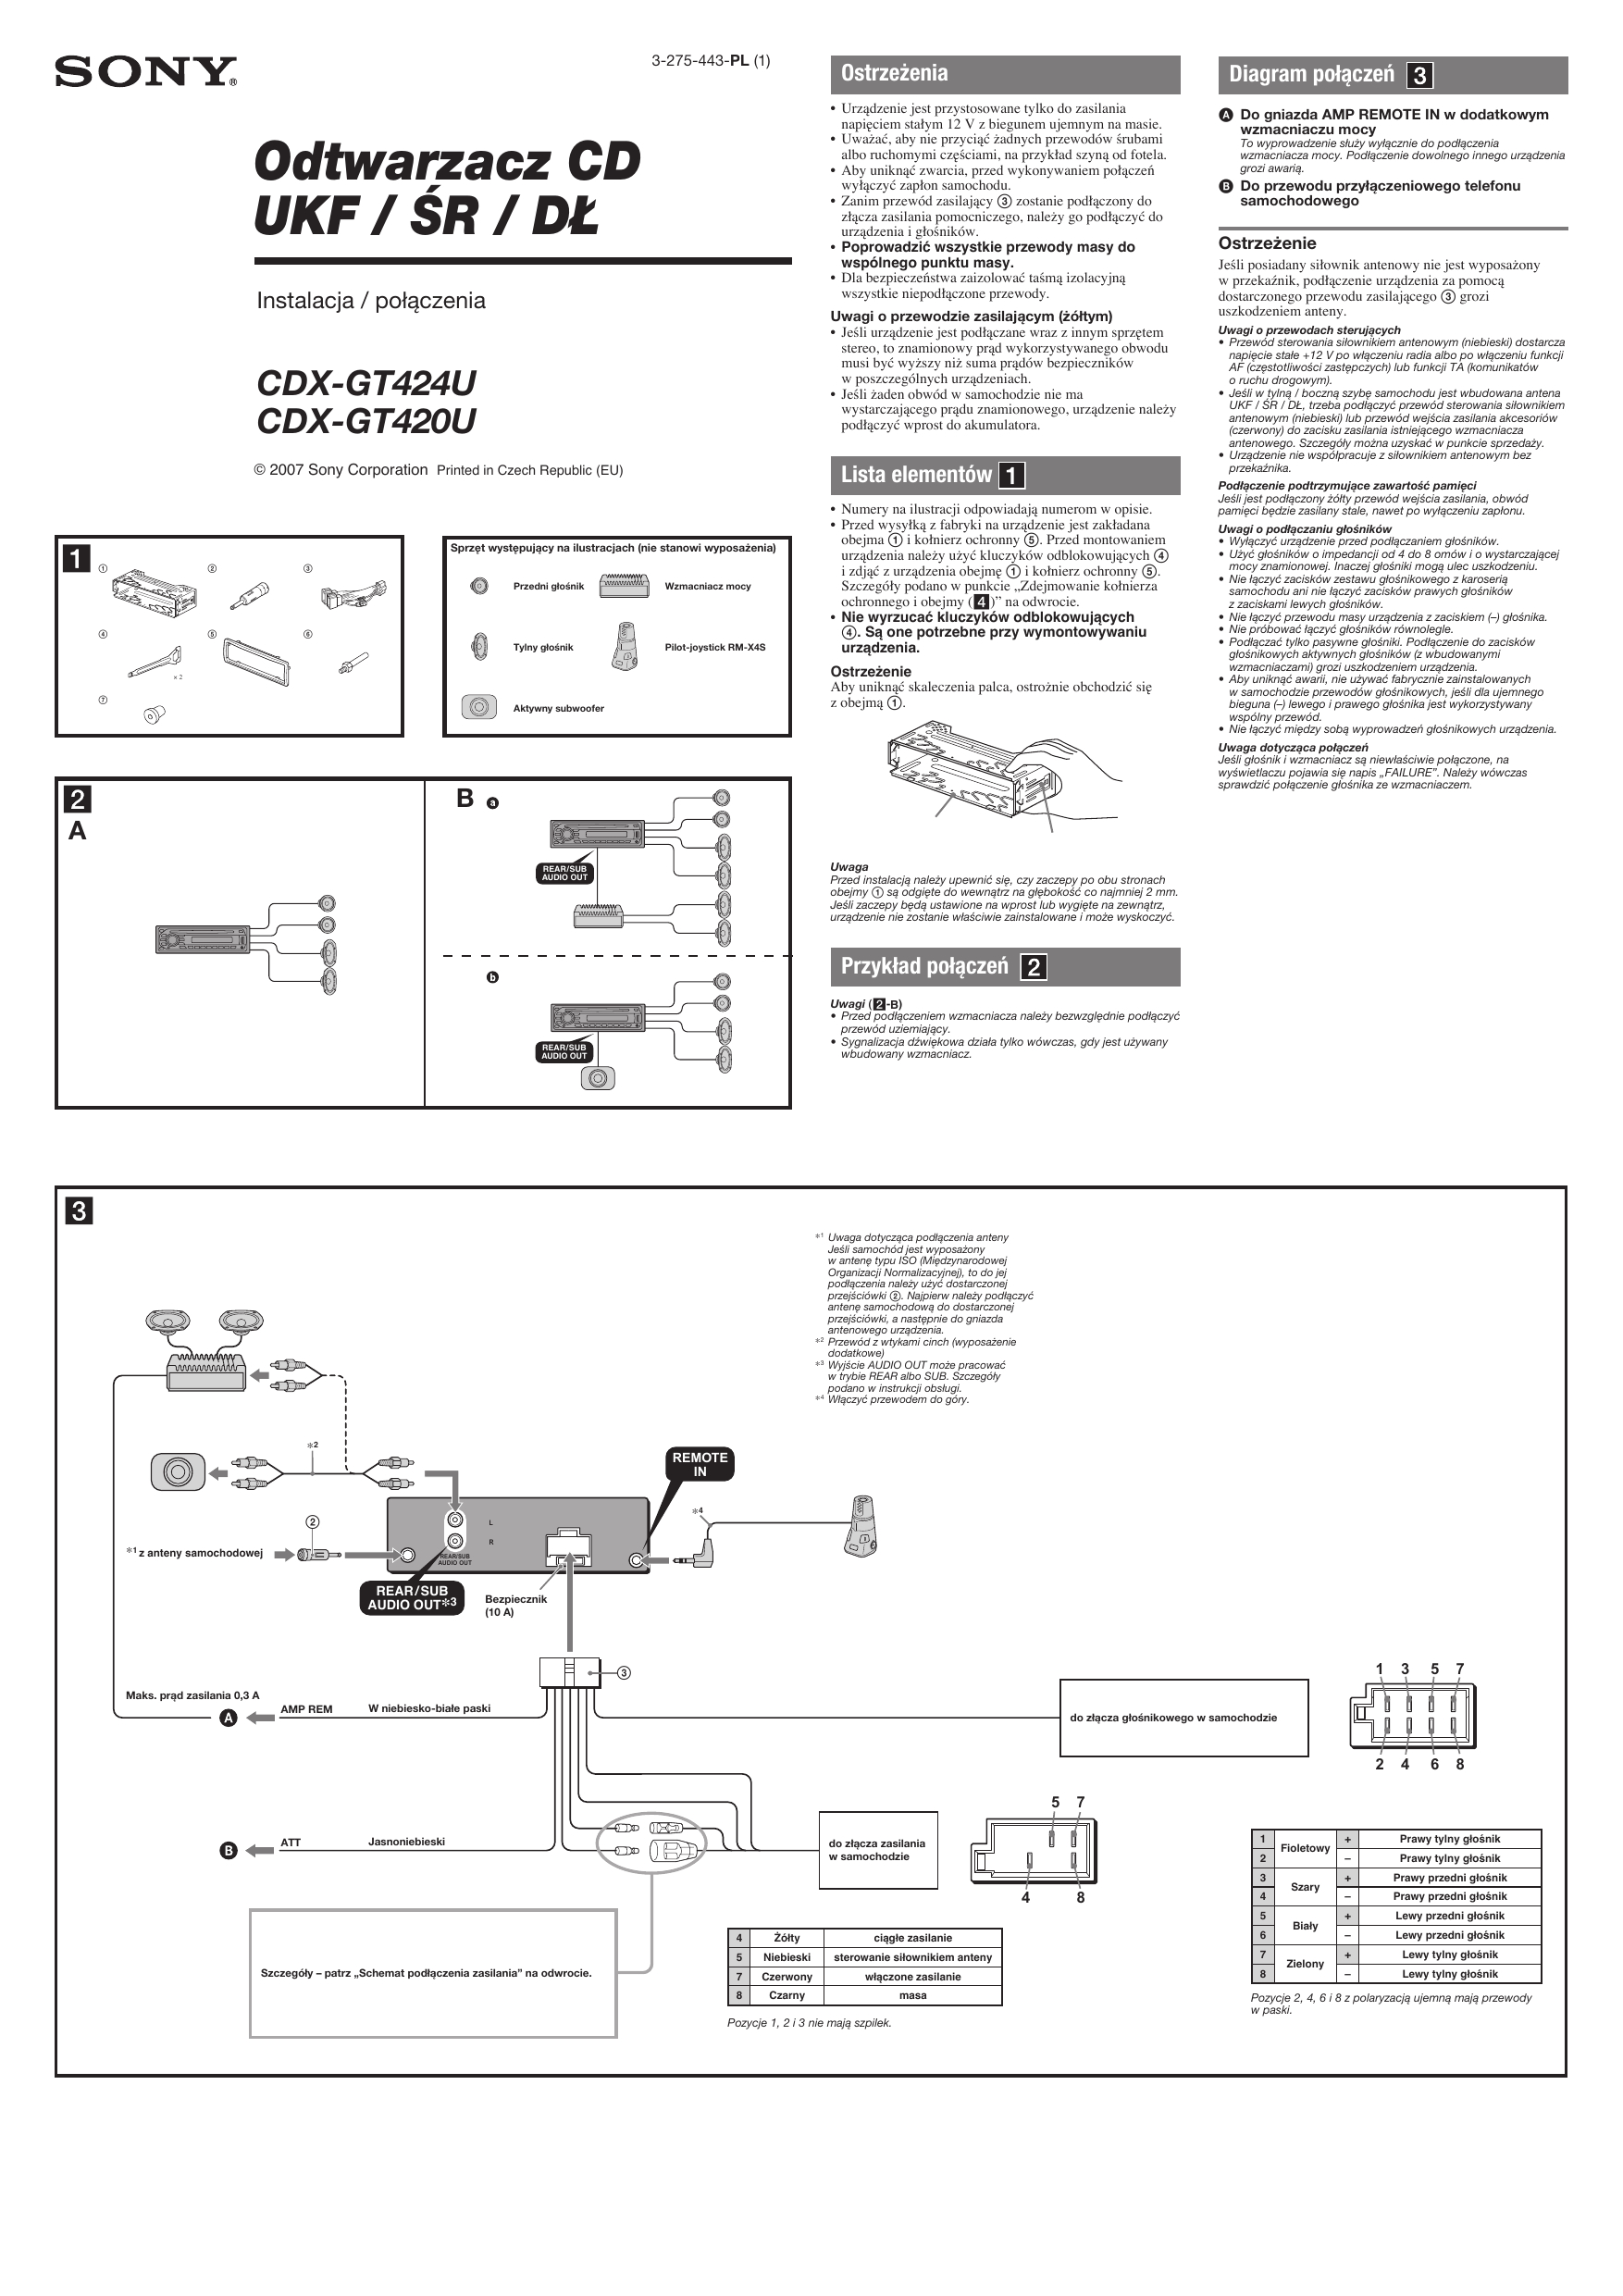 sony cdx gt420u instrukcja szybkiego uruchamiania